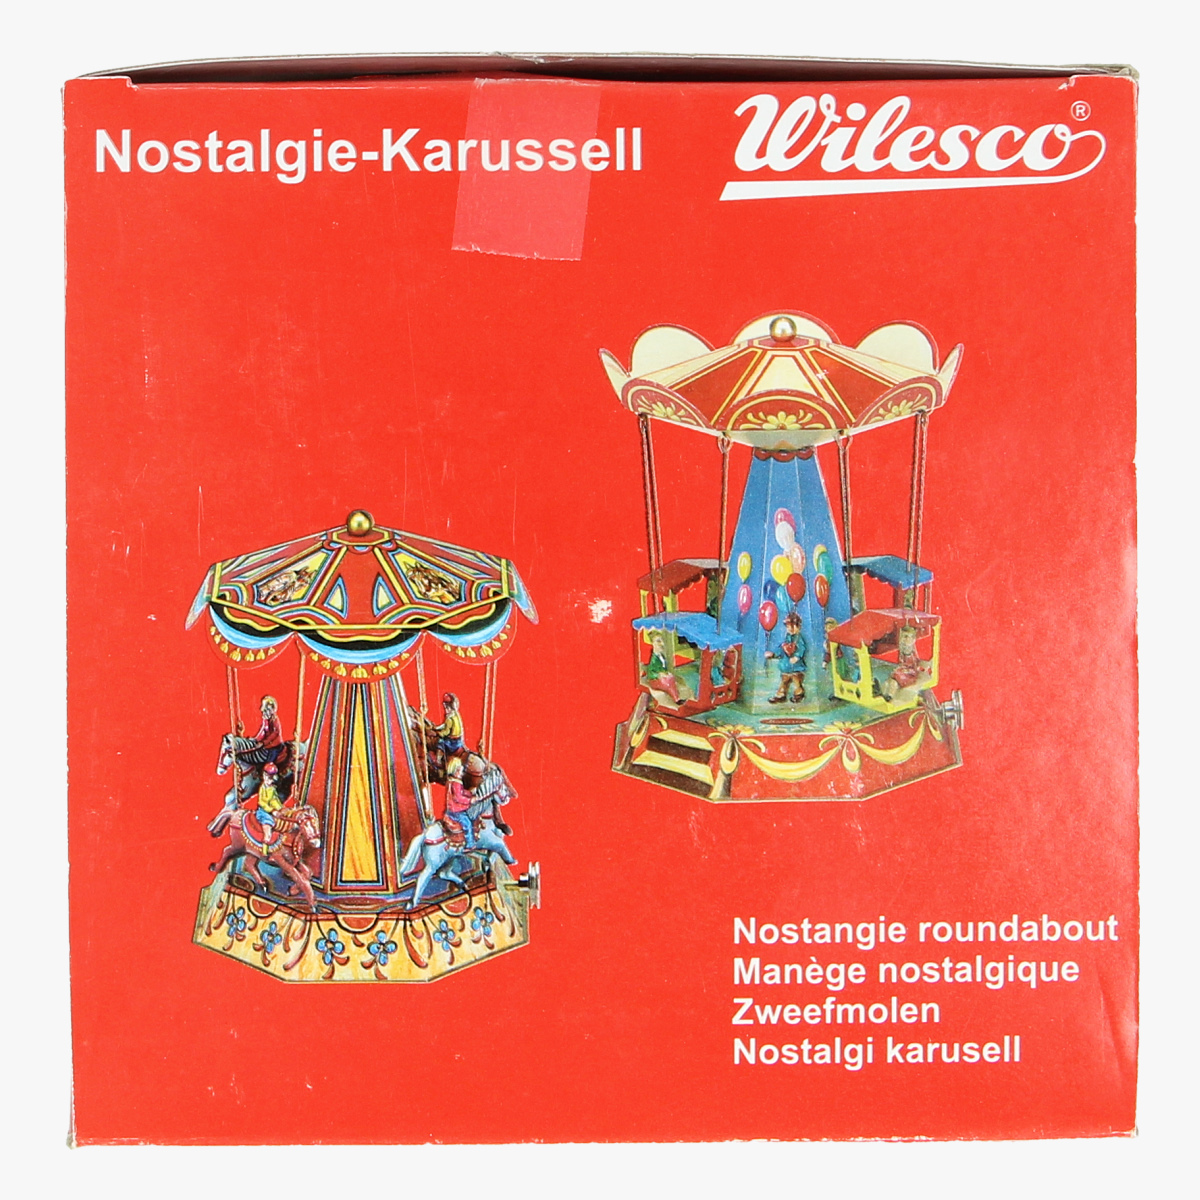 Afbeeldingen van blikken speelgoed nostalgie carrousel reprp wilesco